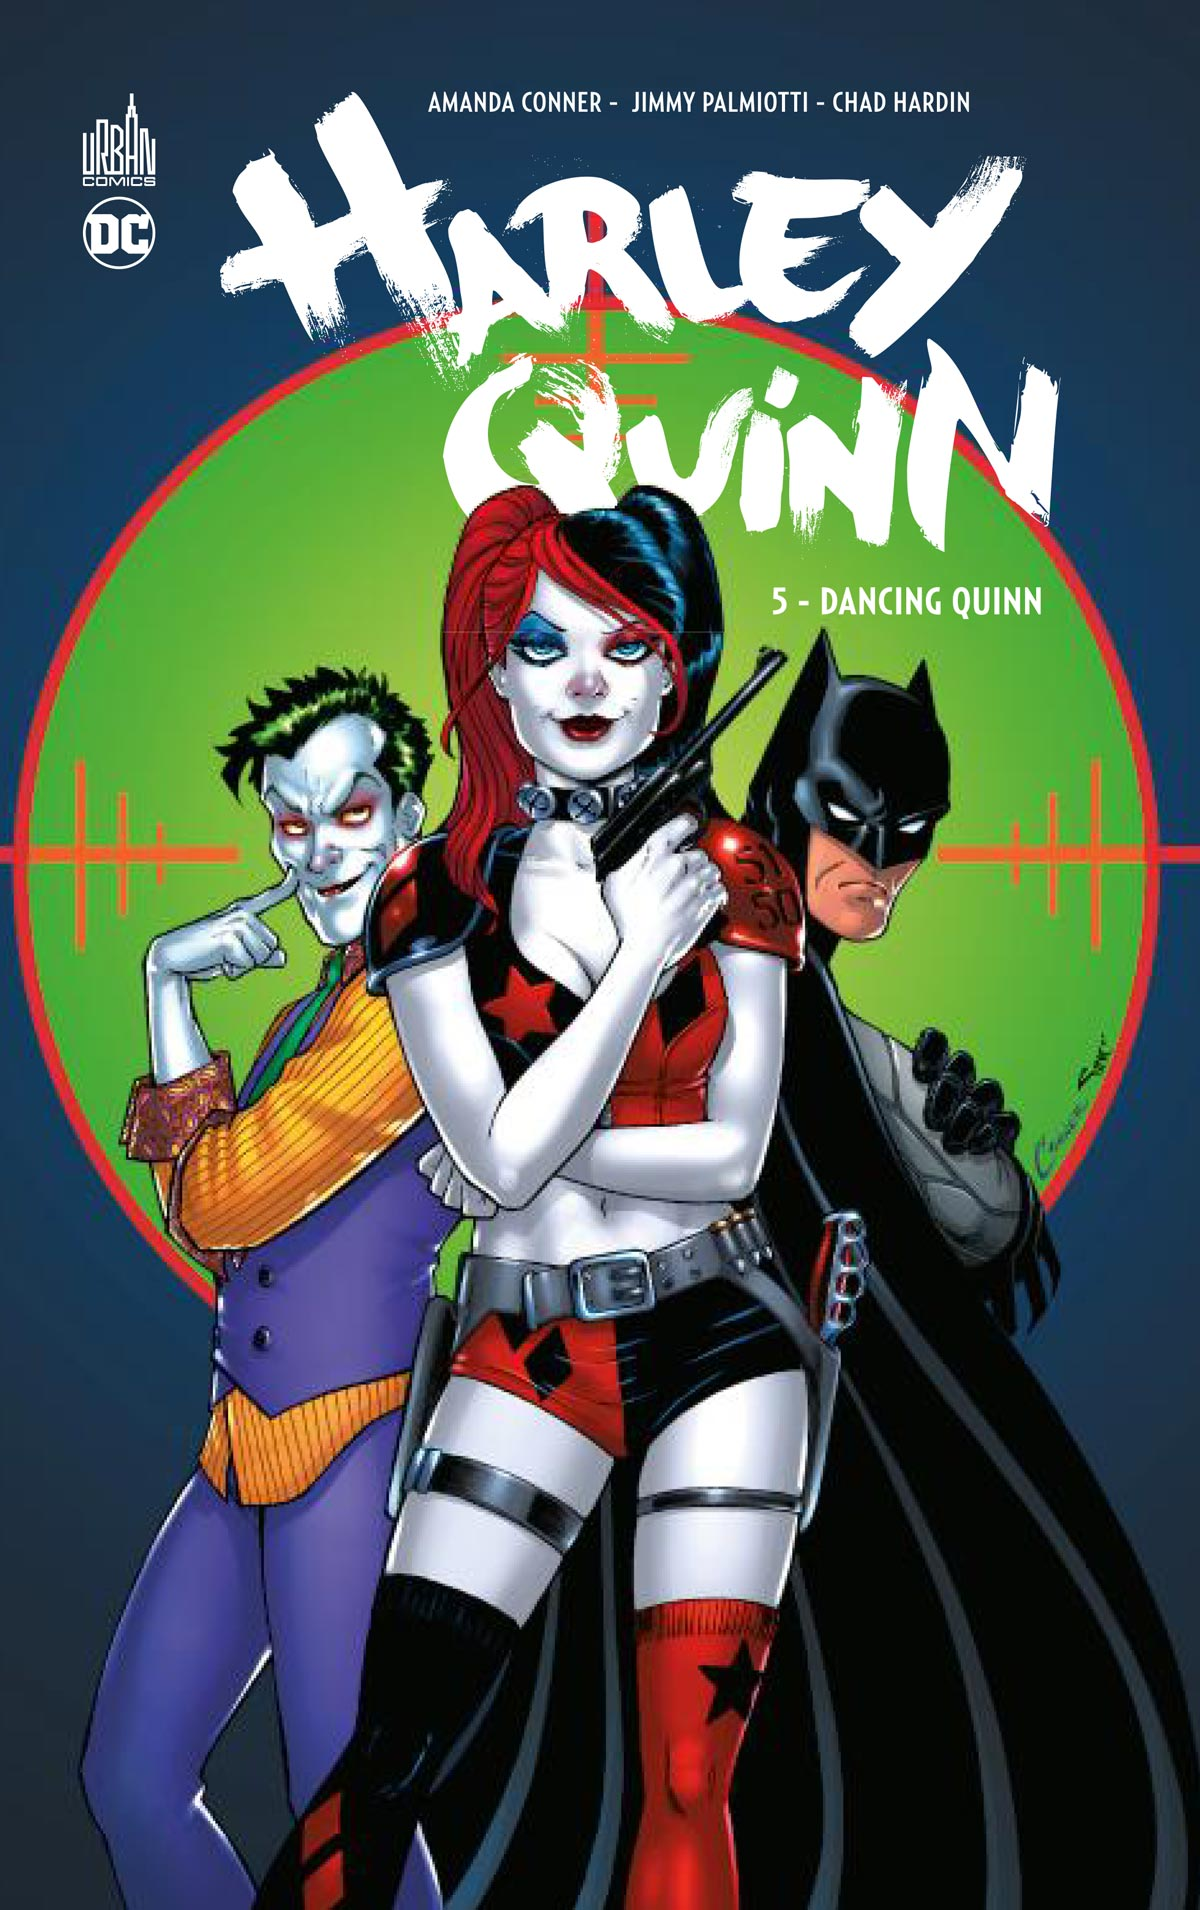 Harley Quinn 5 - Dancing Queen